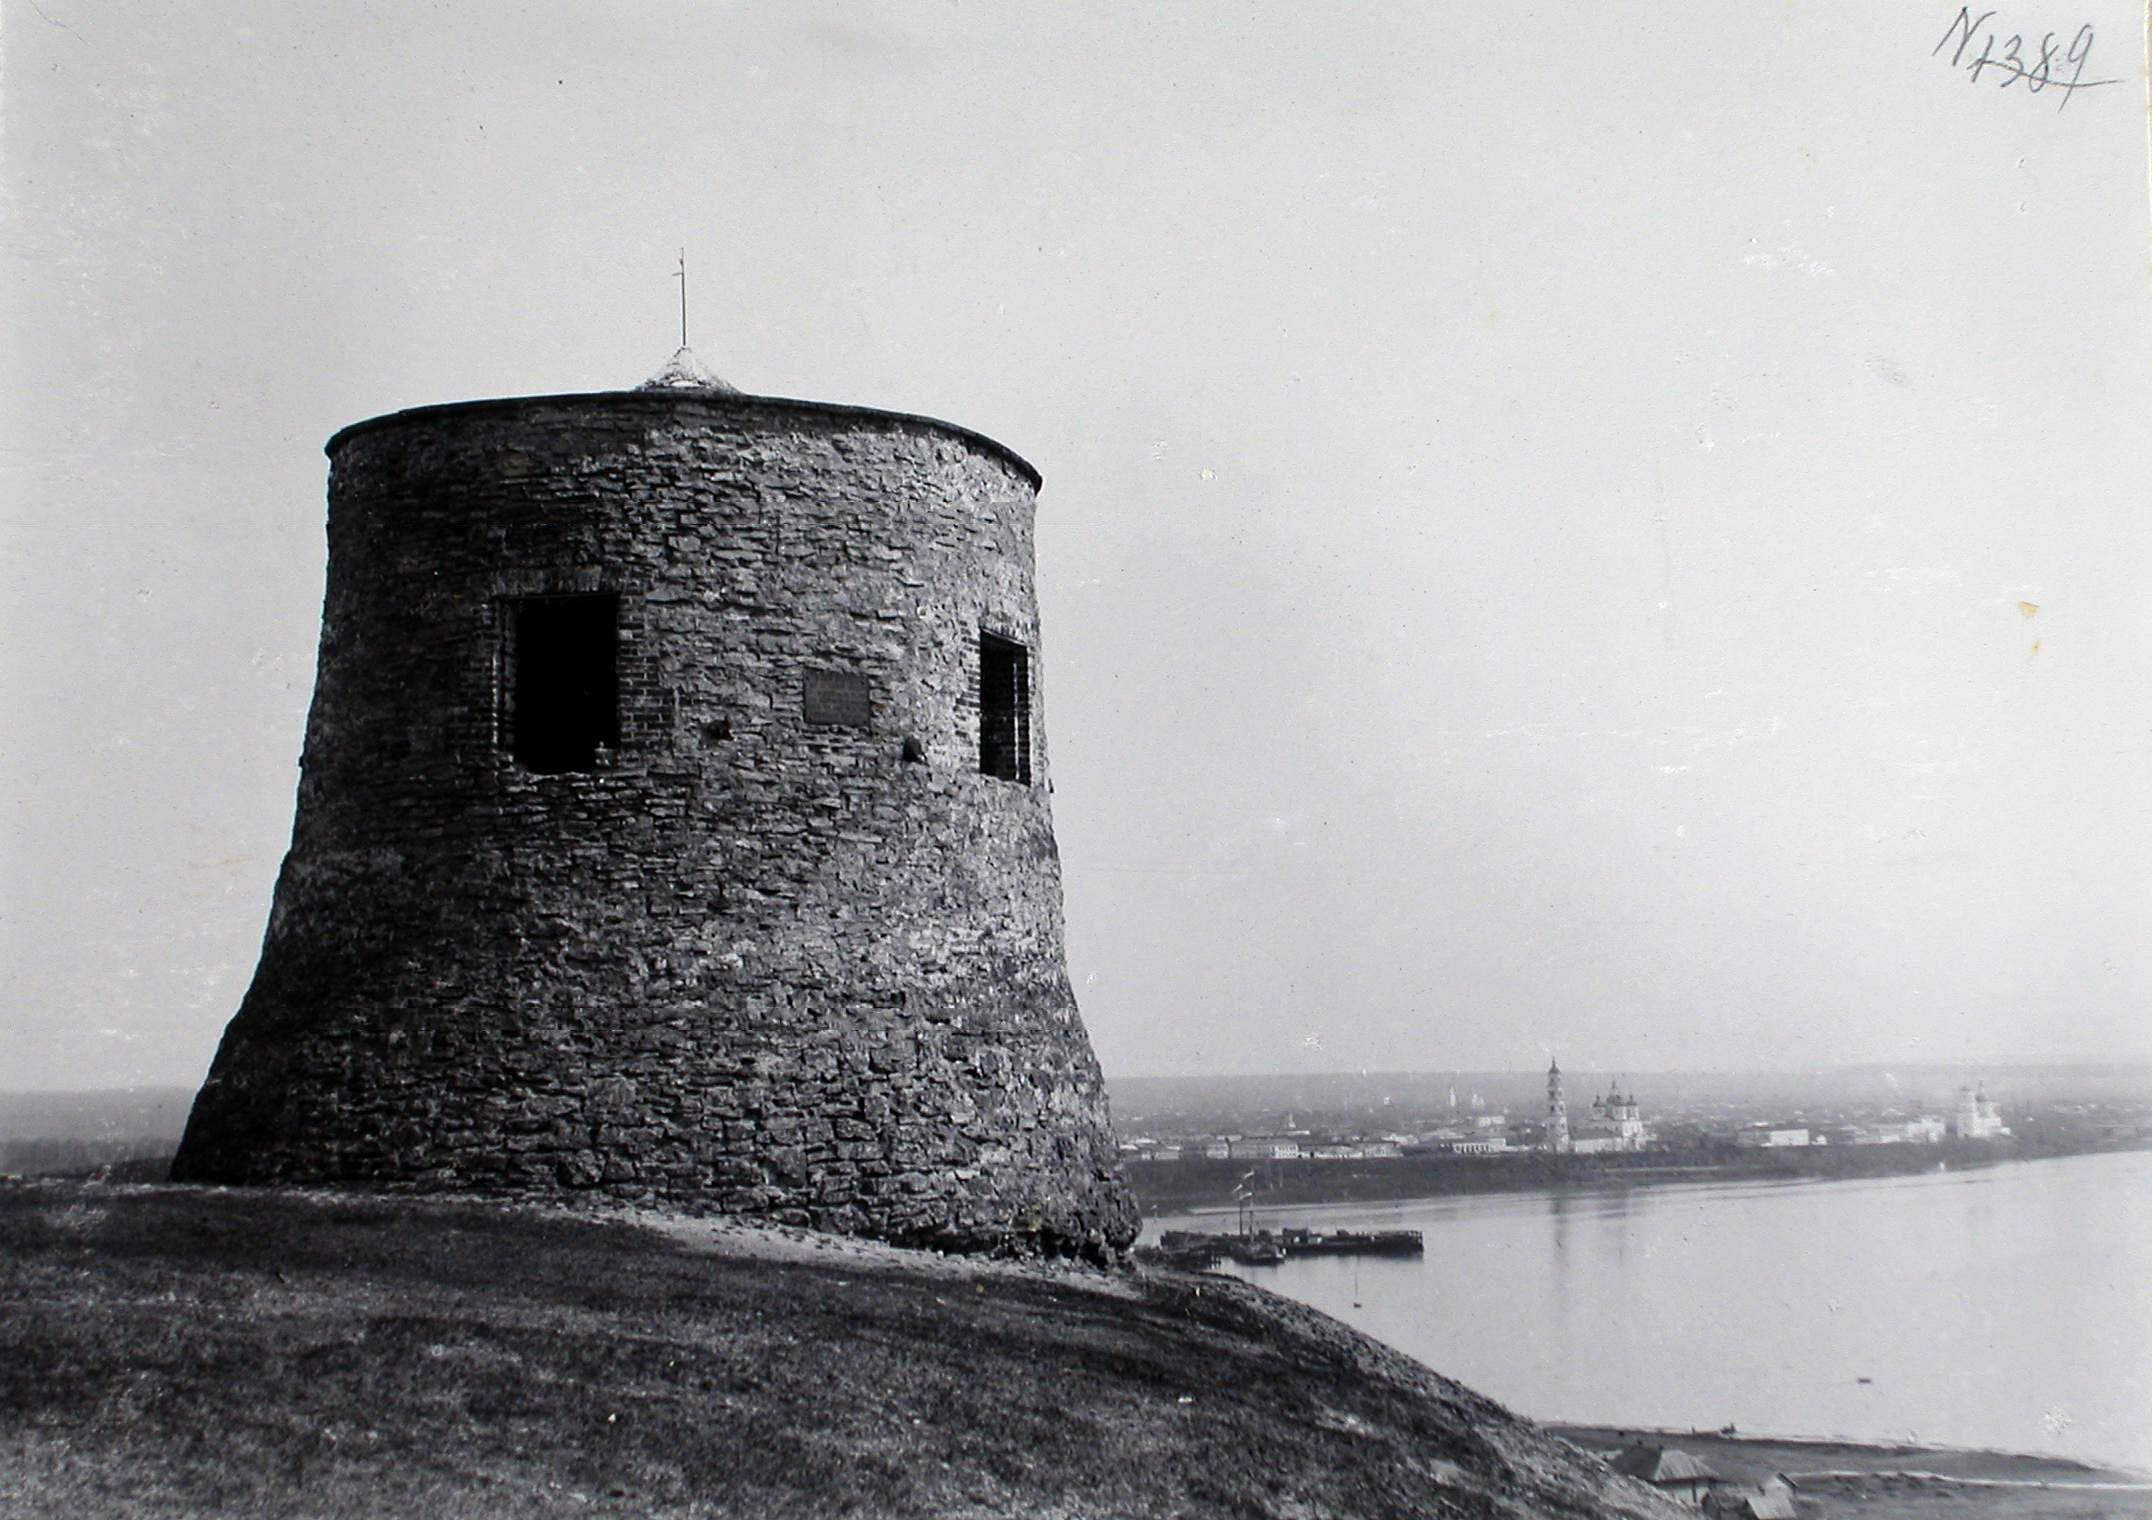 Одна из башен Чертова городища (по преданию бывшего булгарского города)